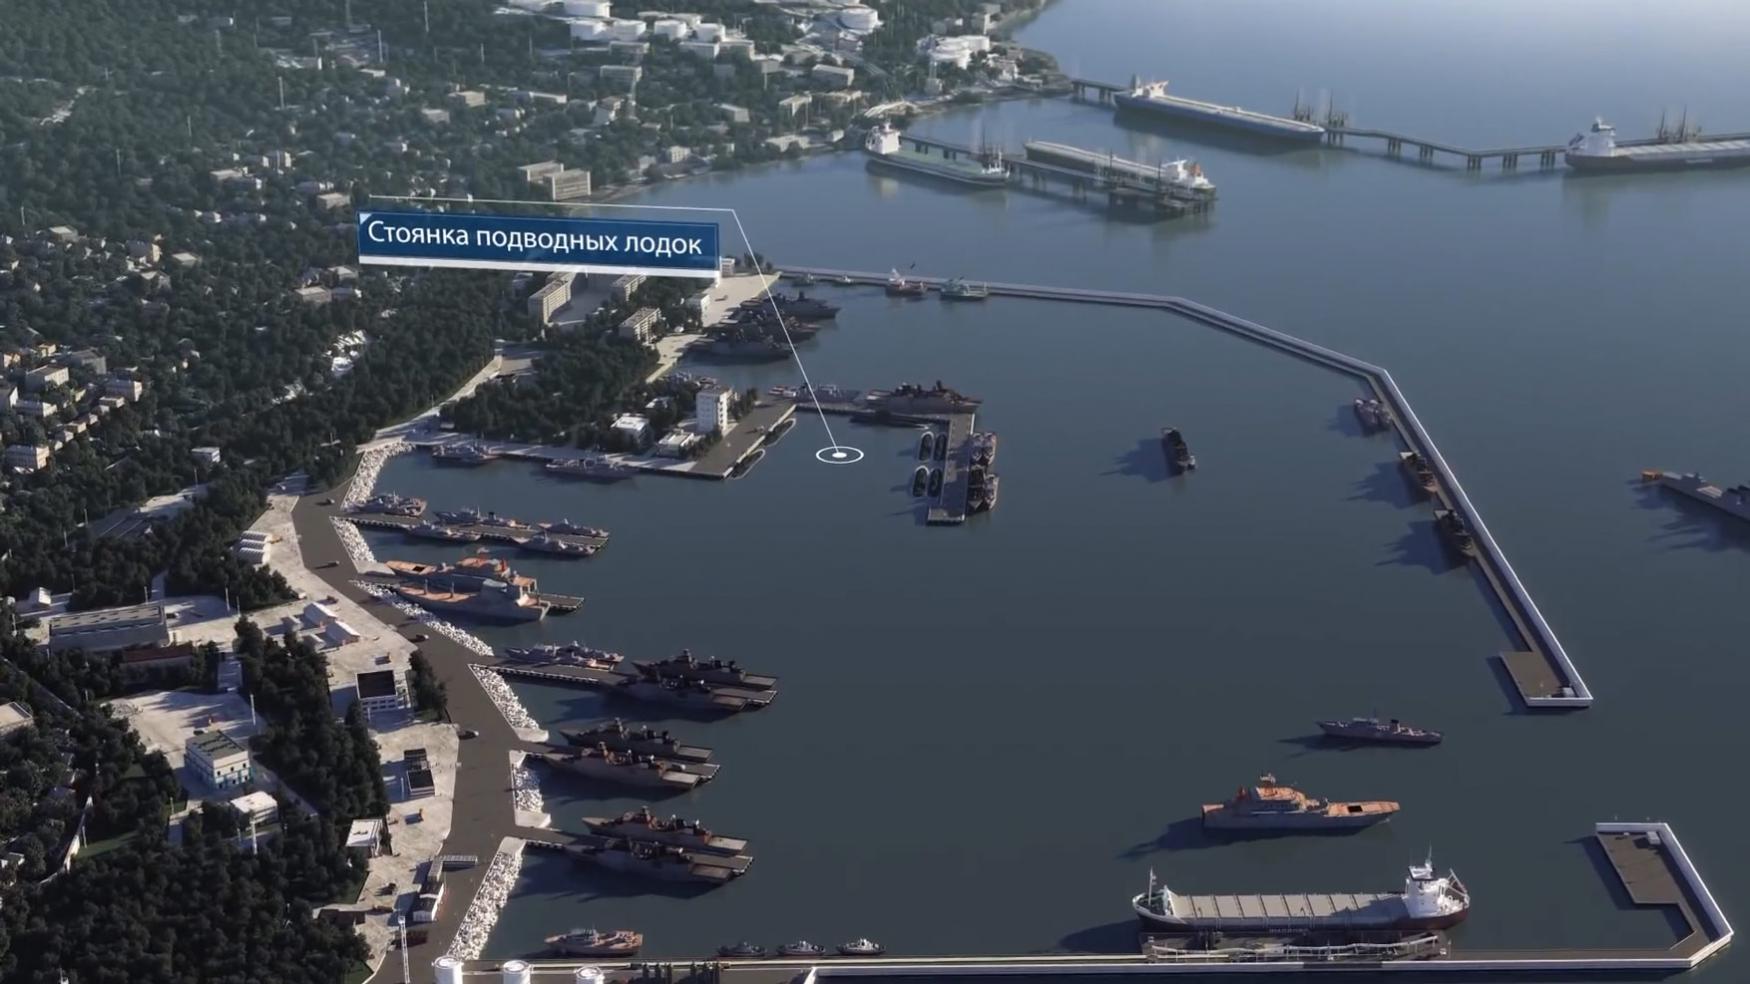 Военно-морская база Черноморского флота в Новороссийске